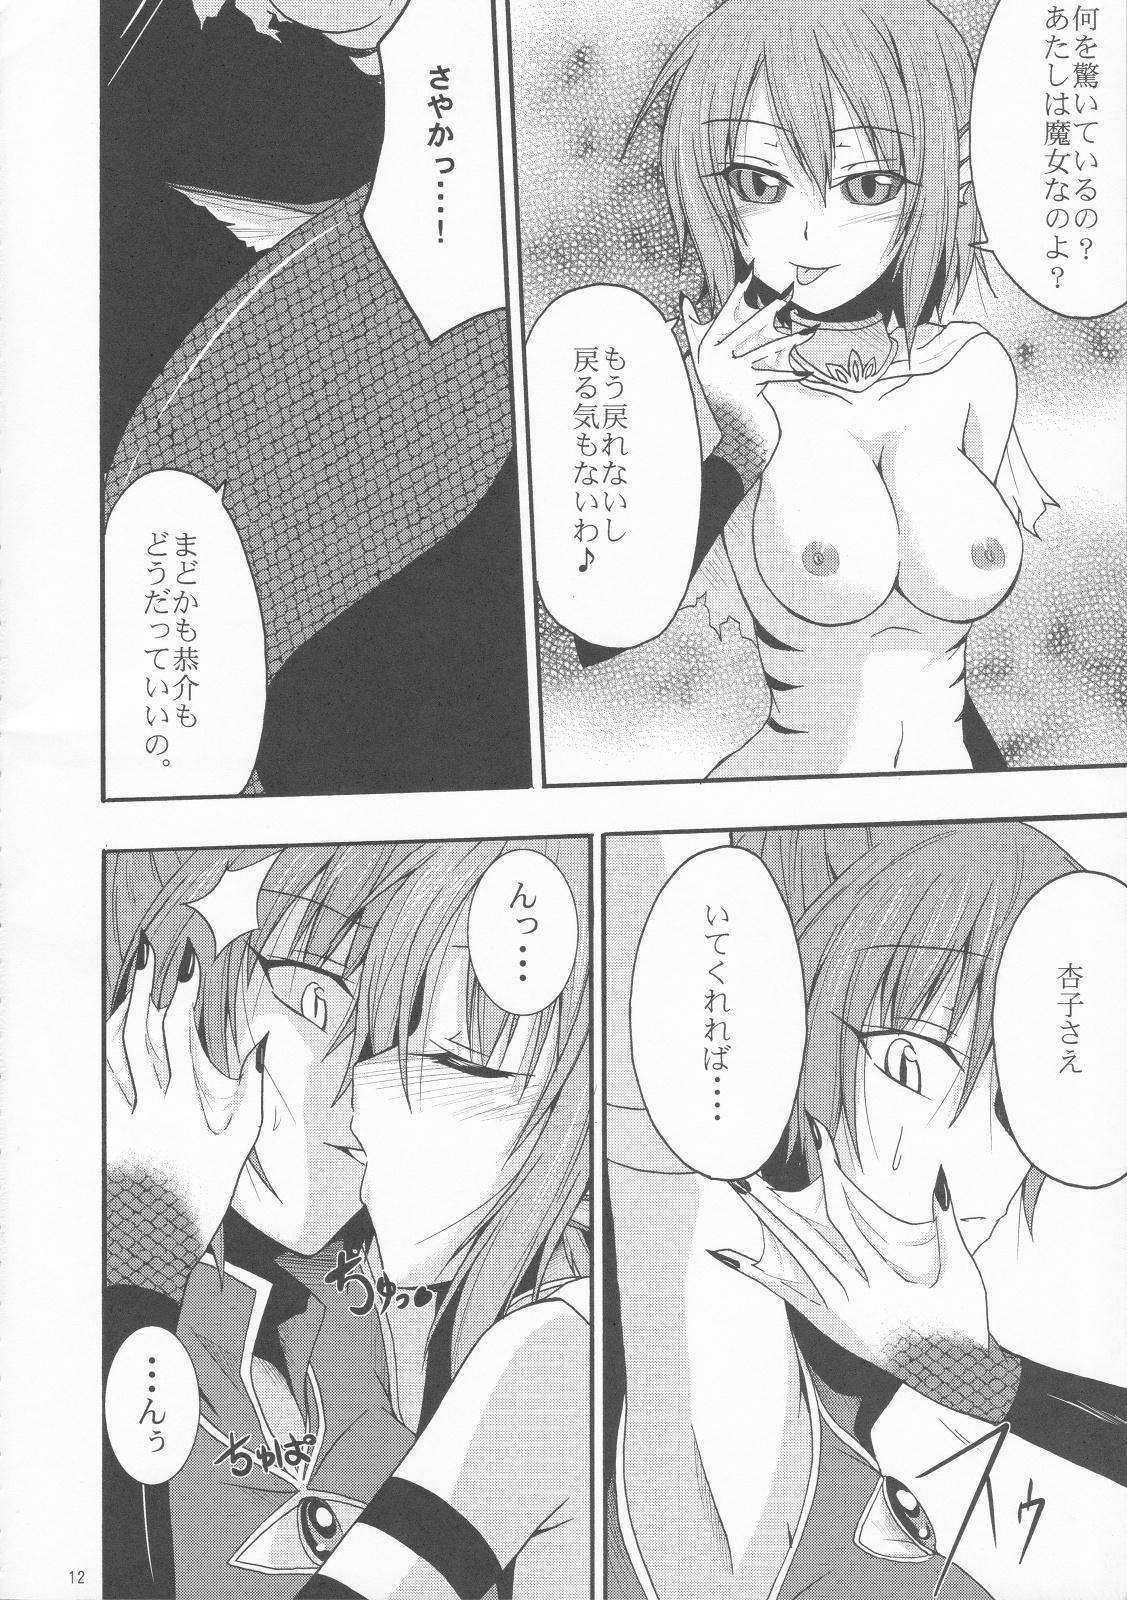 Sayaka no Naka de 10